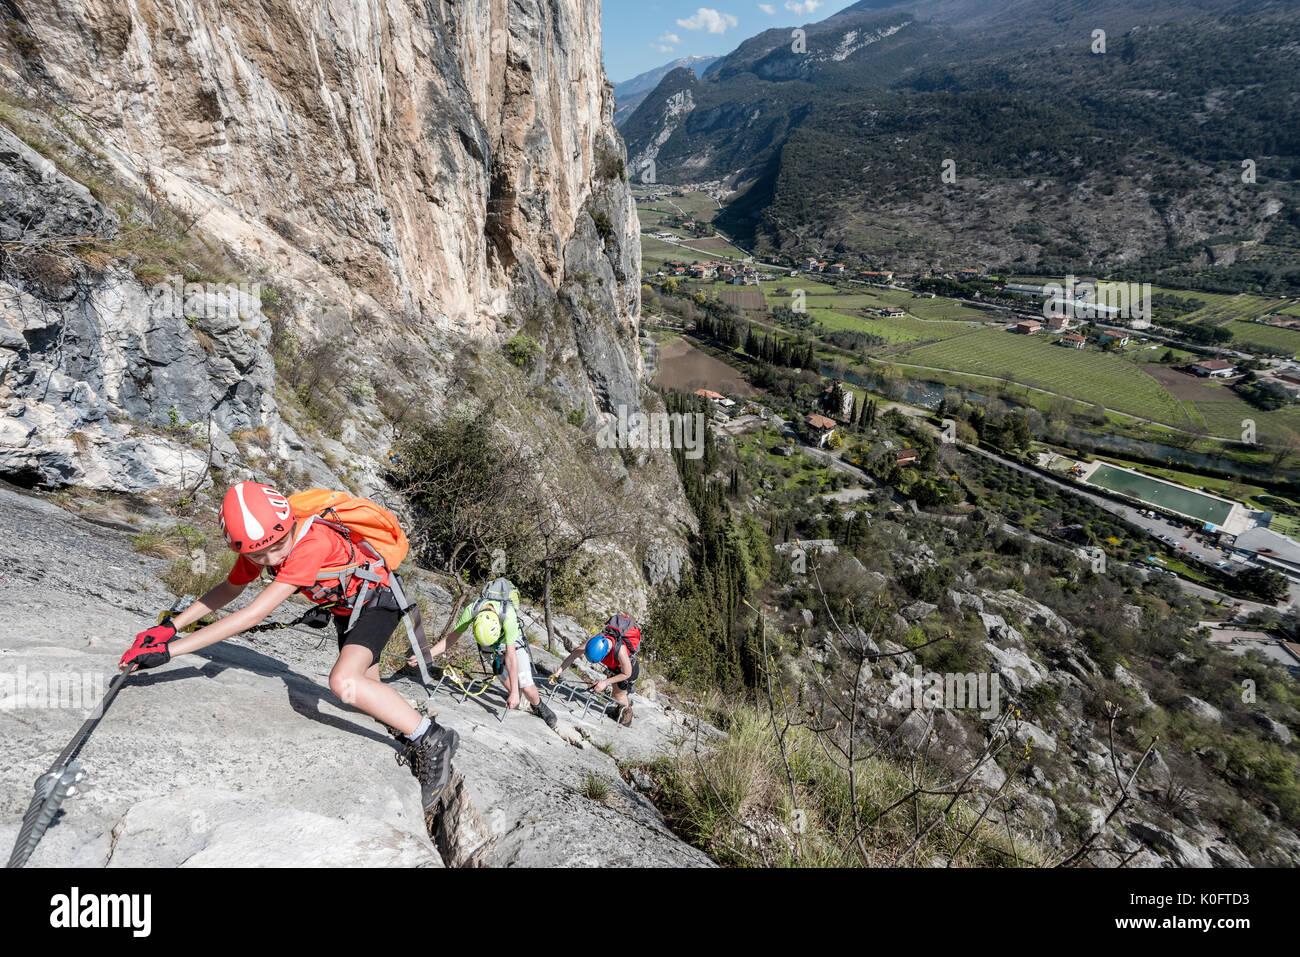 Klettersteig Arco : Klettersteigwoche am gardasee mountain sports zillertal